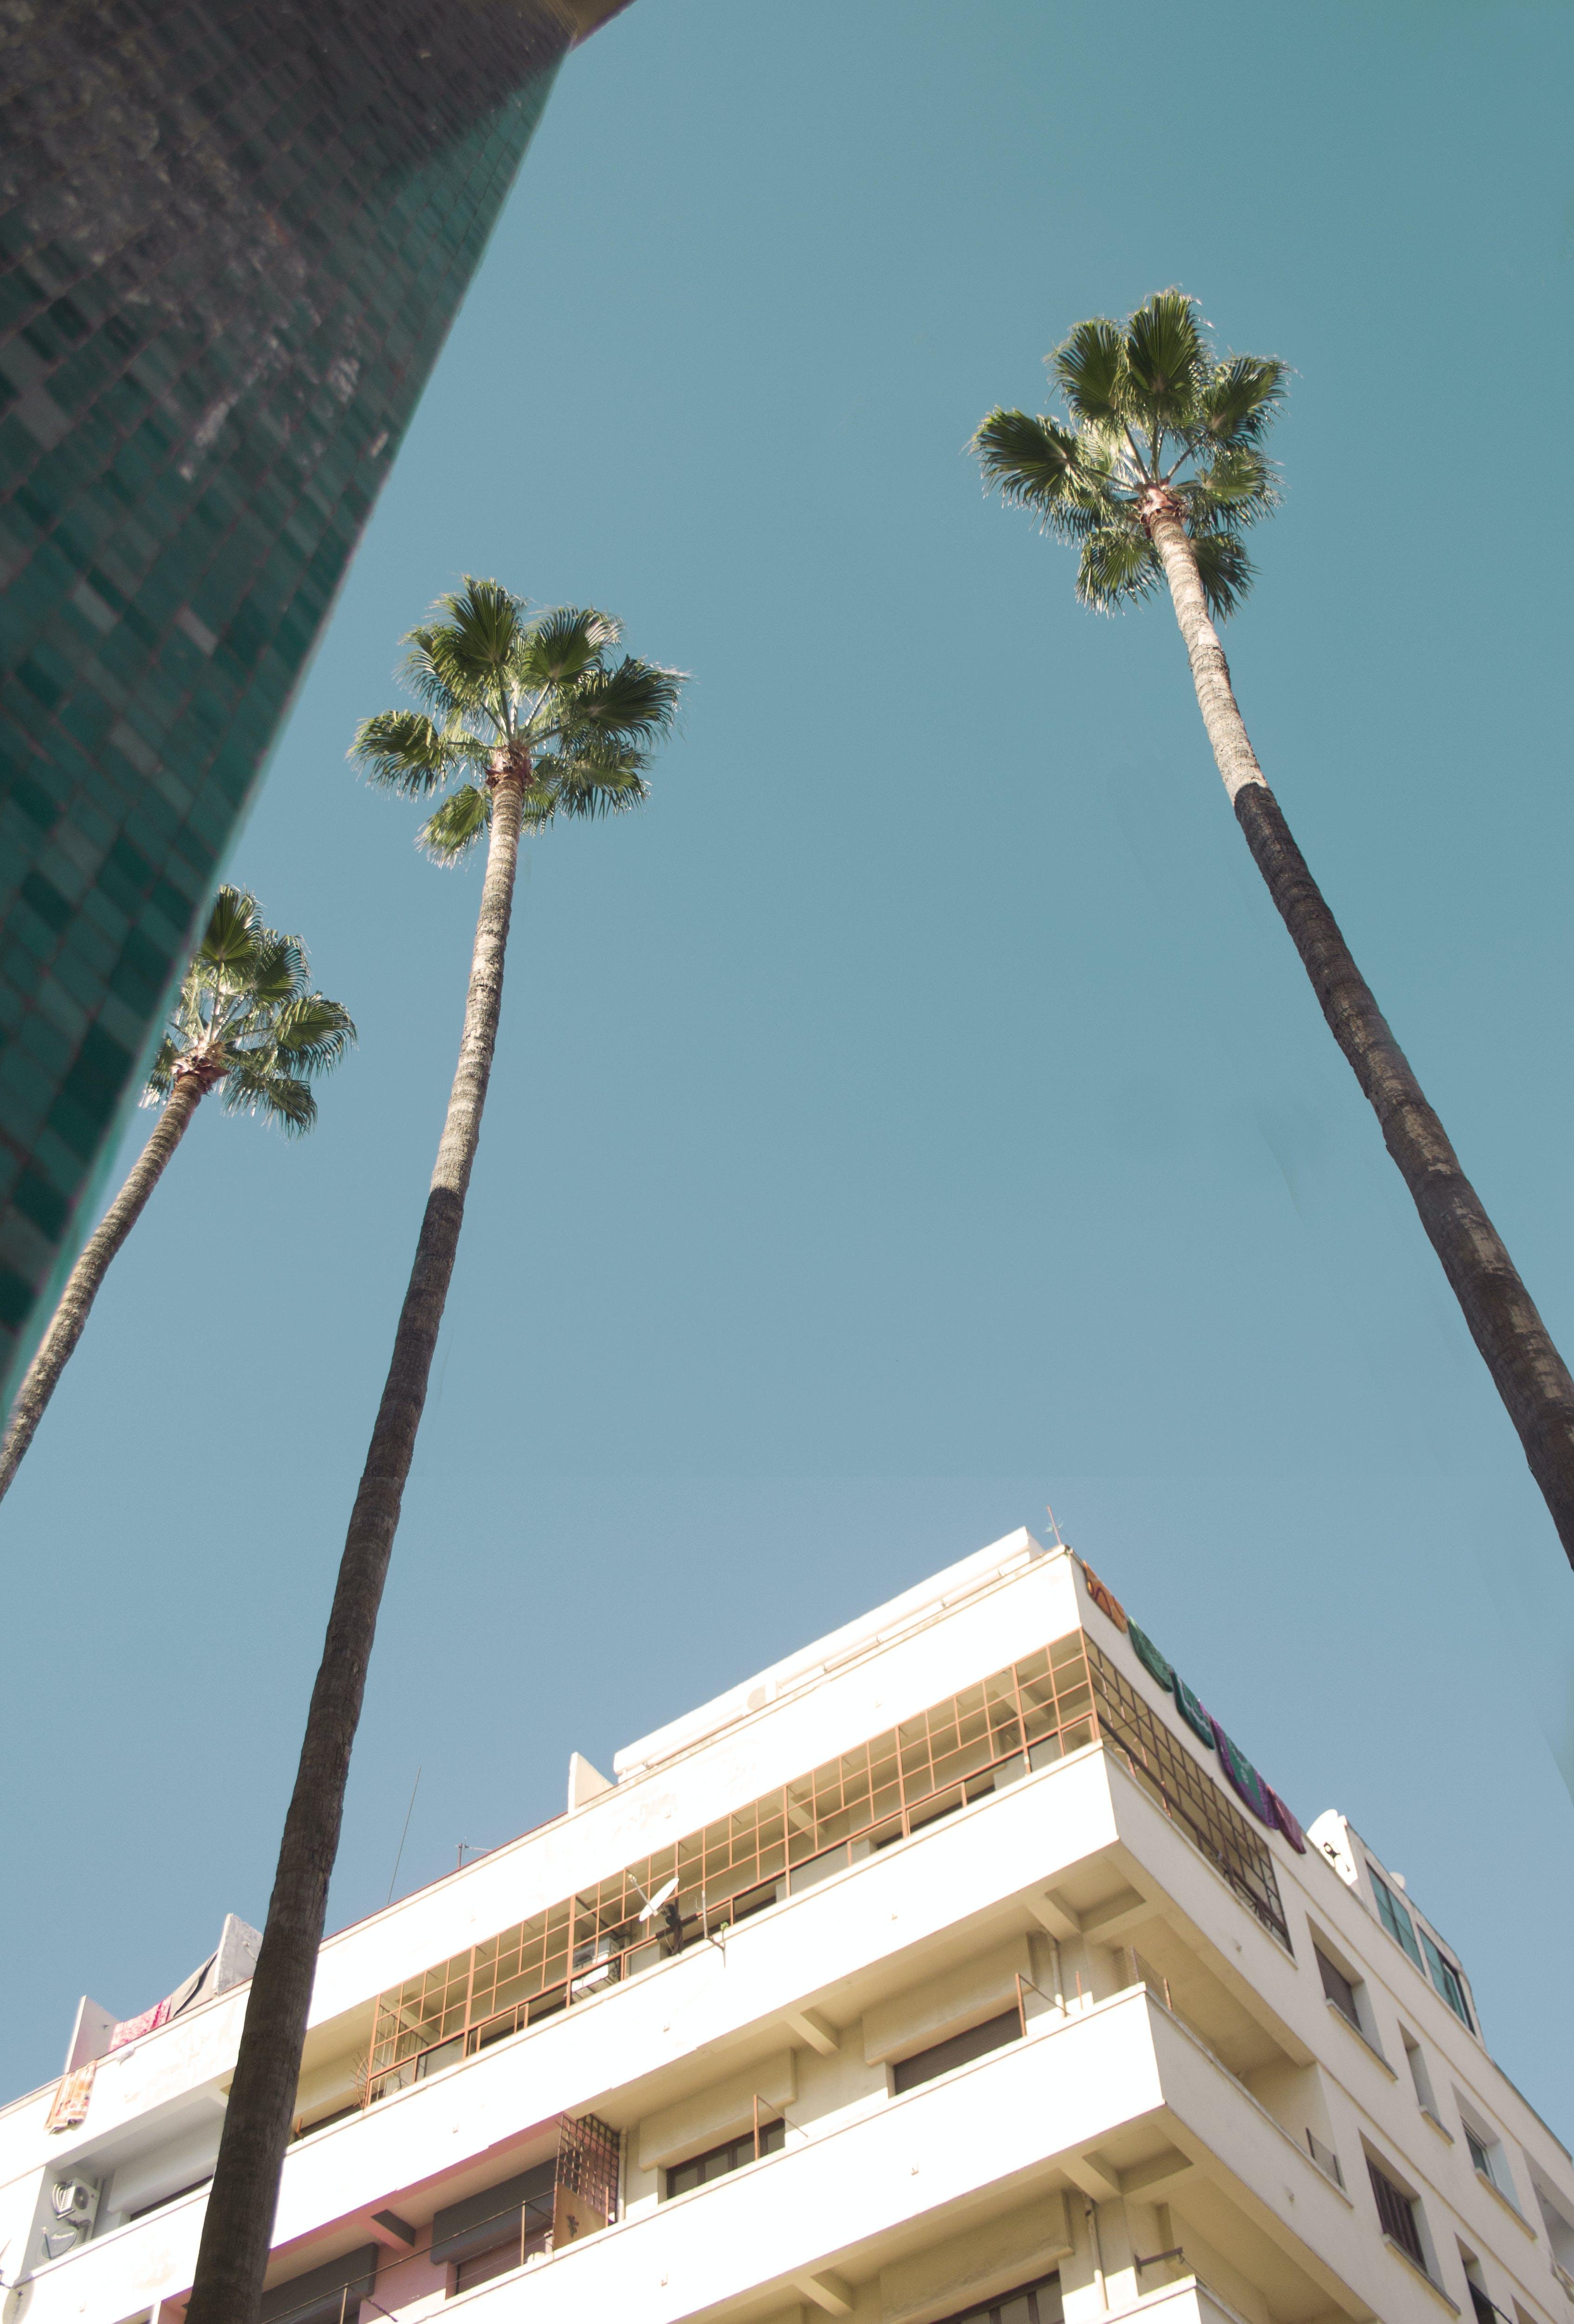 Gratis lagerfoto af appelsin, dværgpalme, klar himmel, palme